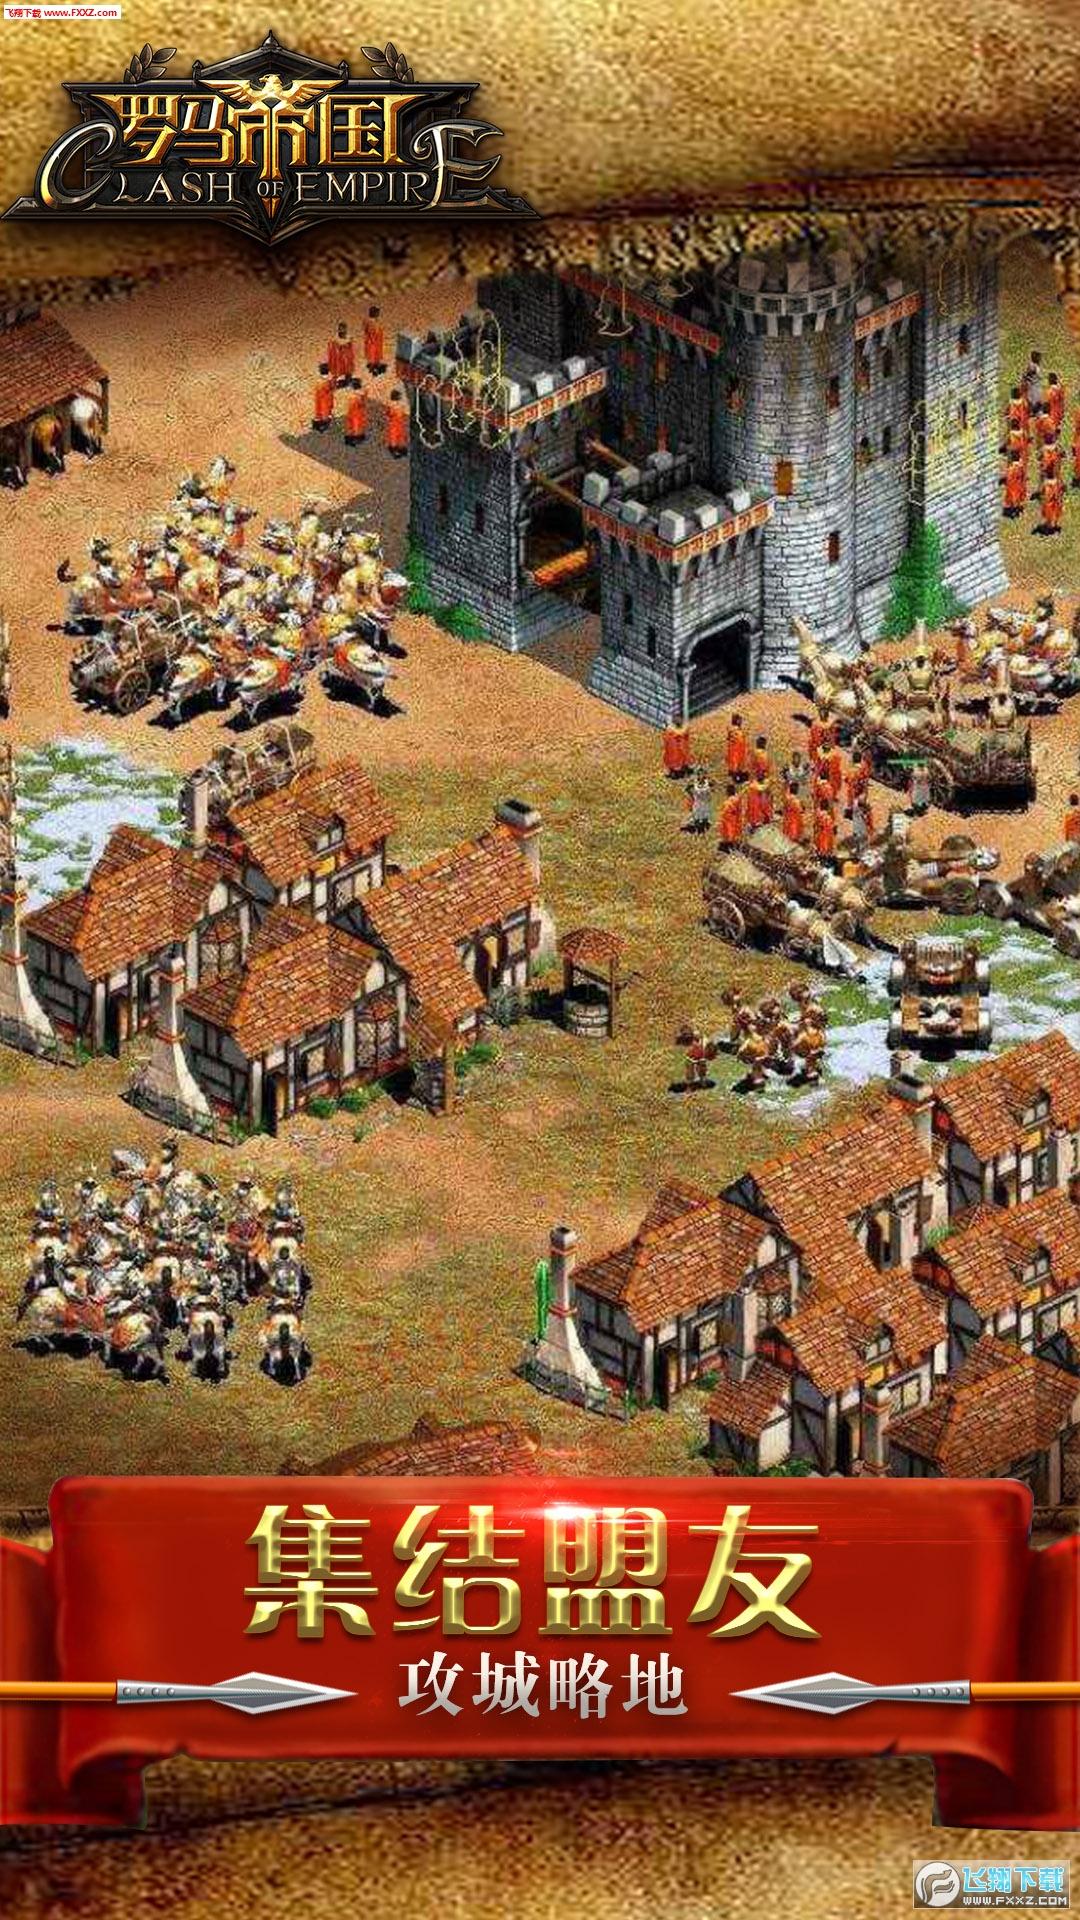 罗马帝国玩胜之战v1.10.1安卓版截图2